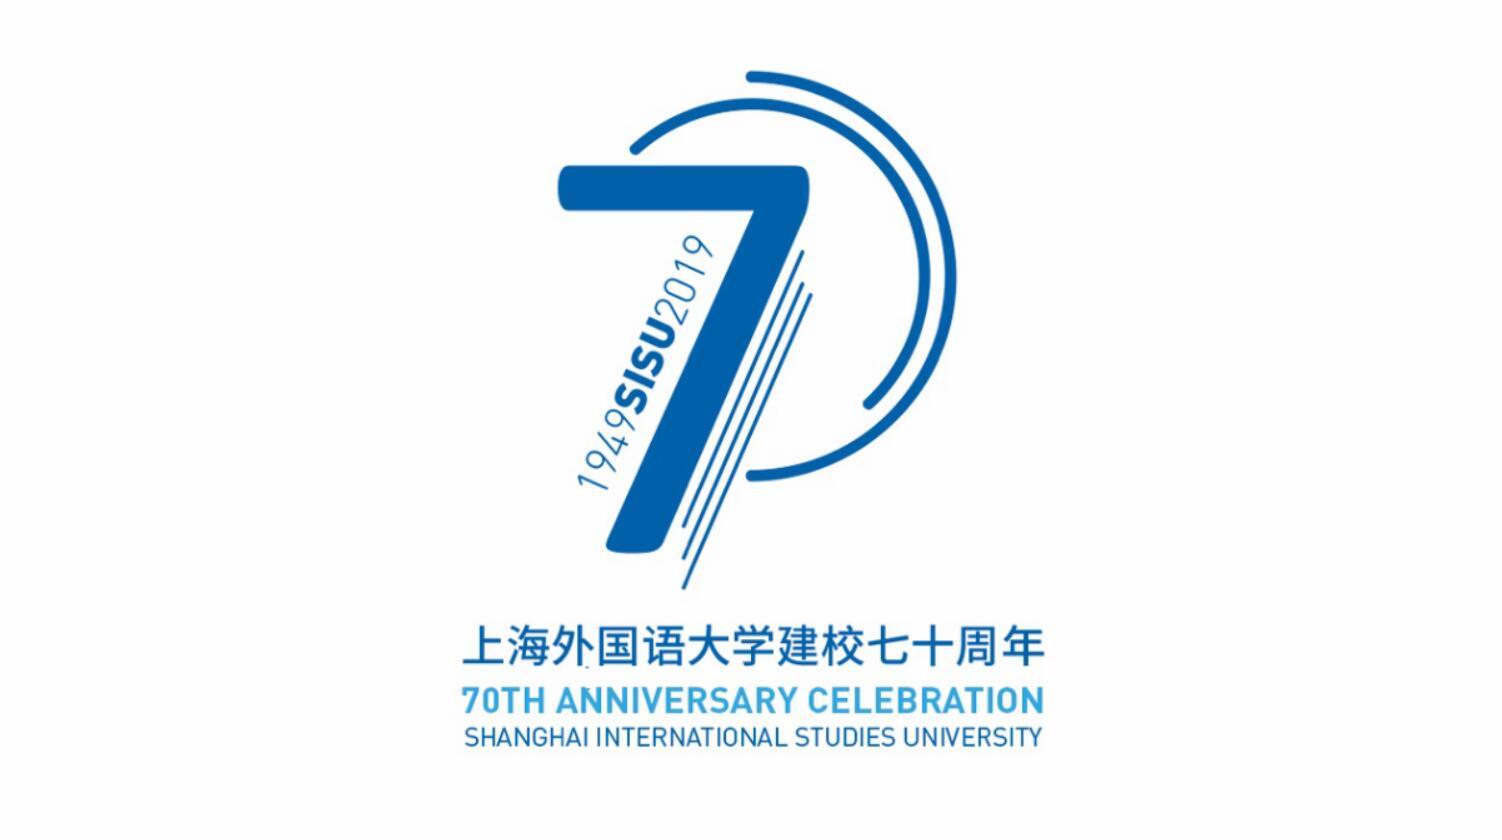 上海外国语大学70周年校庆公告(第三号)